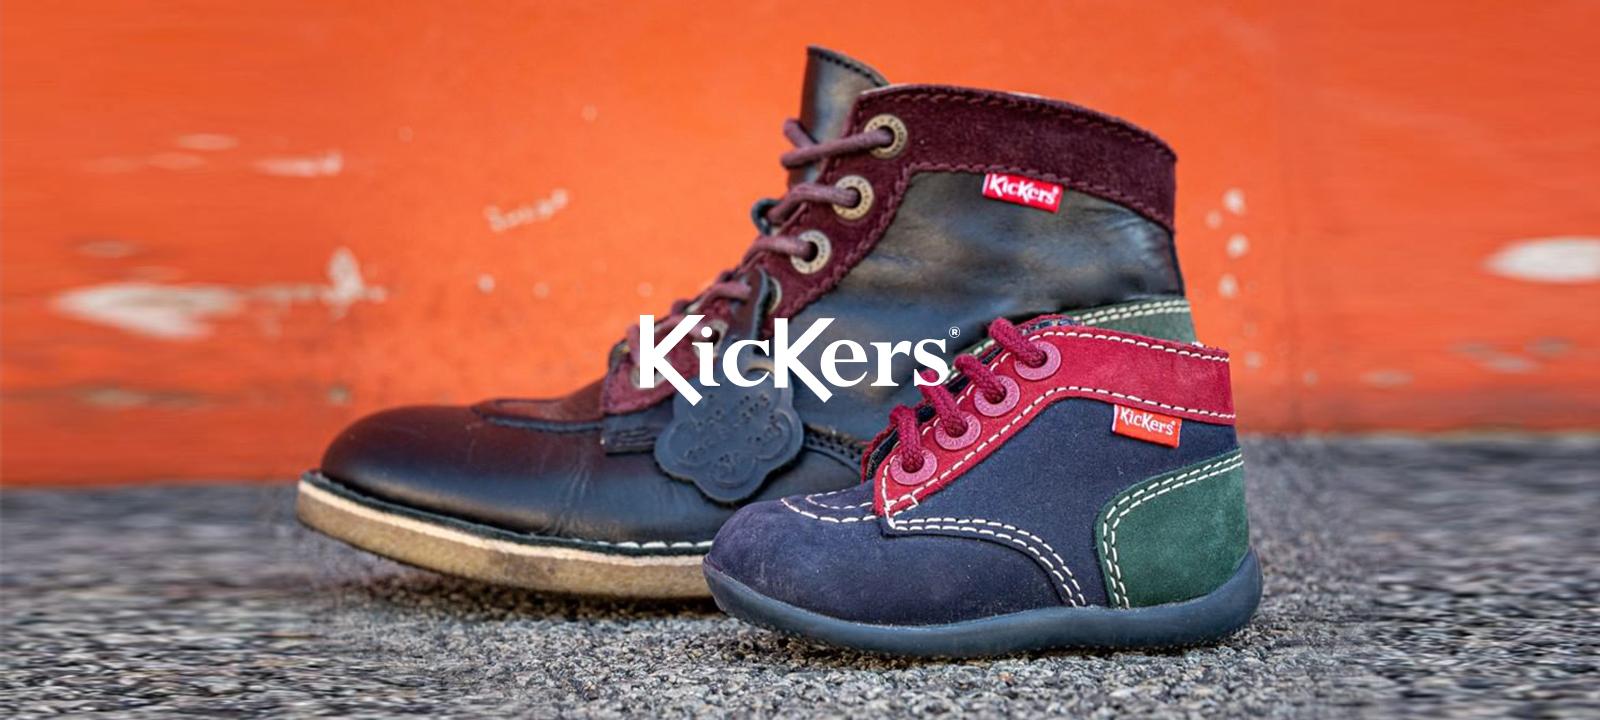 as_hp2002_slider-kickers